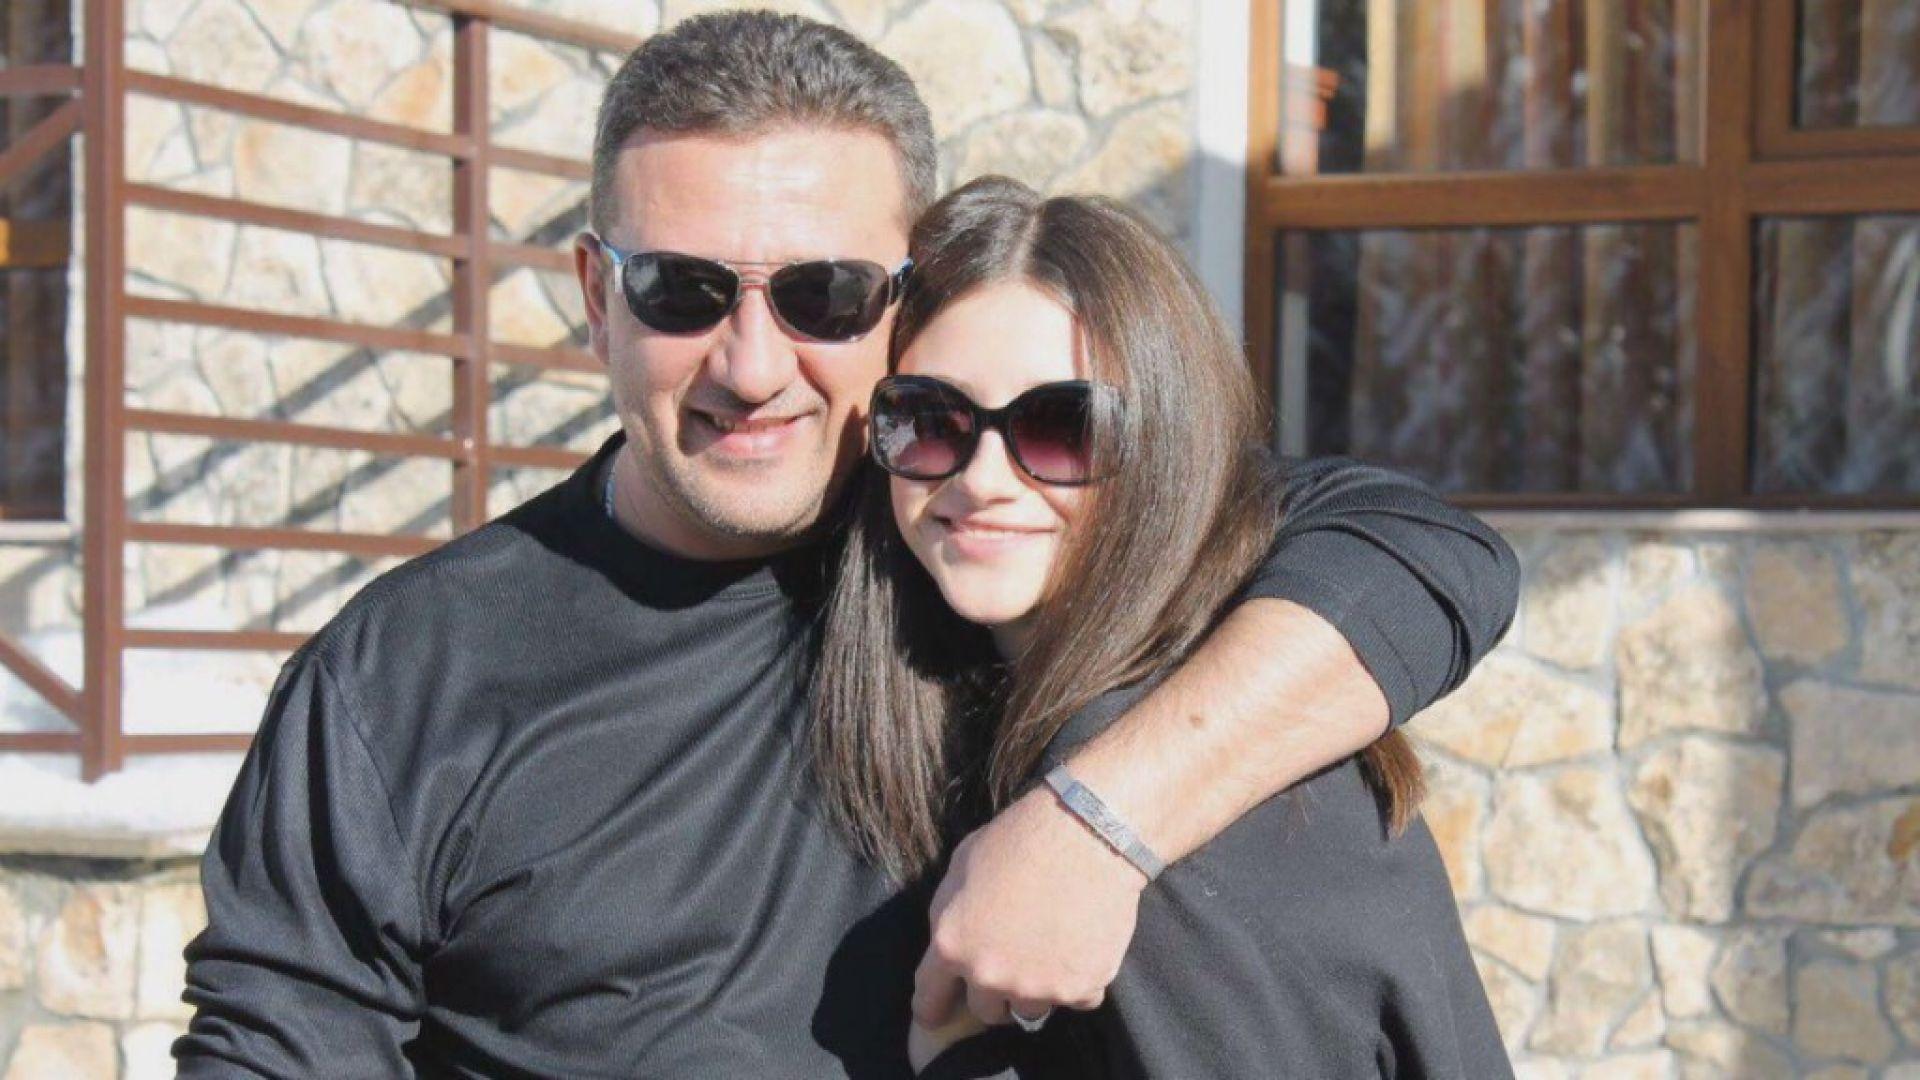 Съд в Кентъки призна българин за виновен за измами с криптовалута